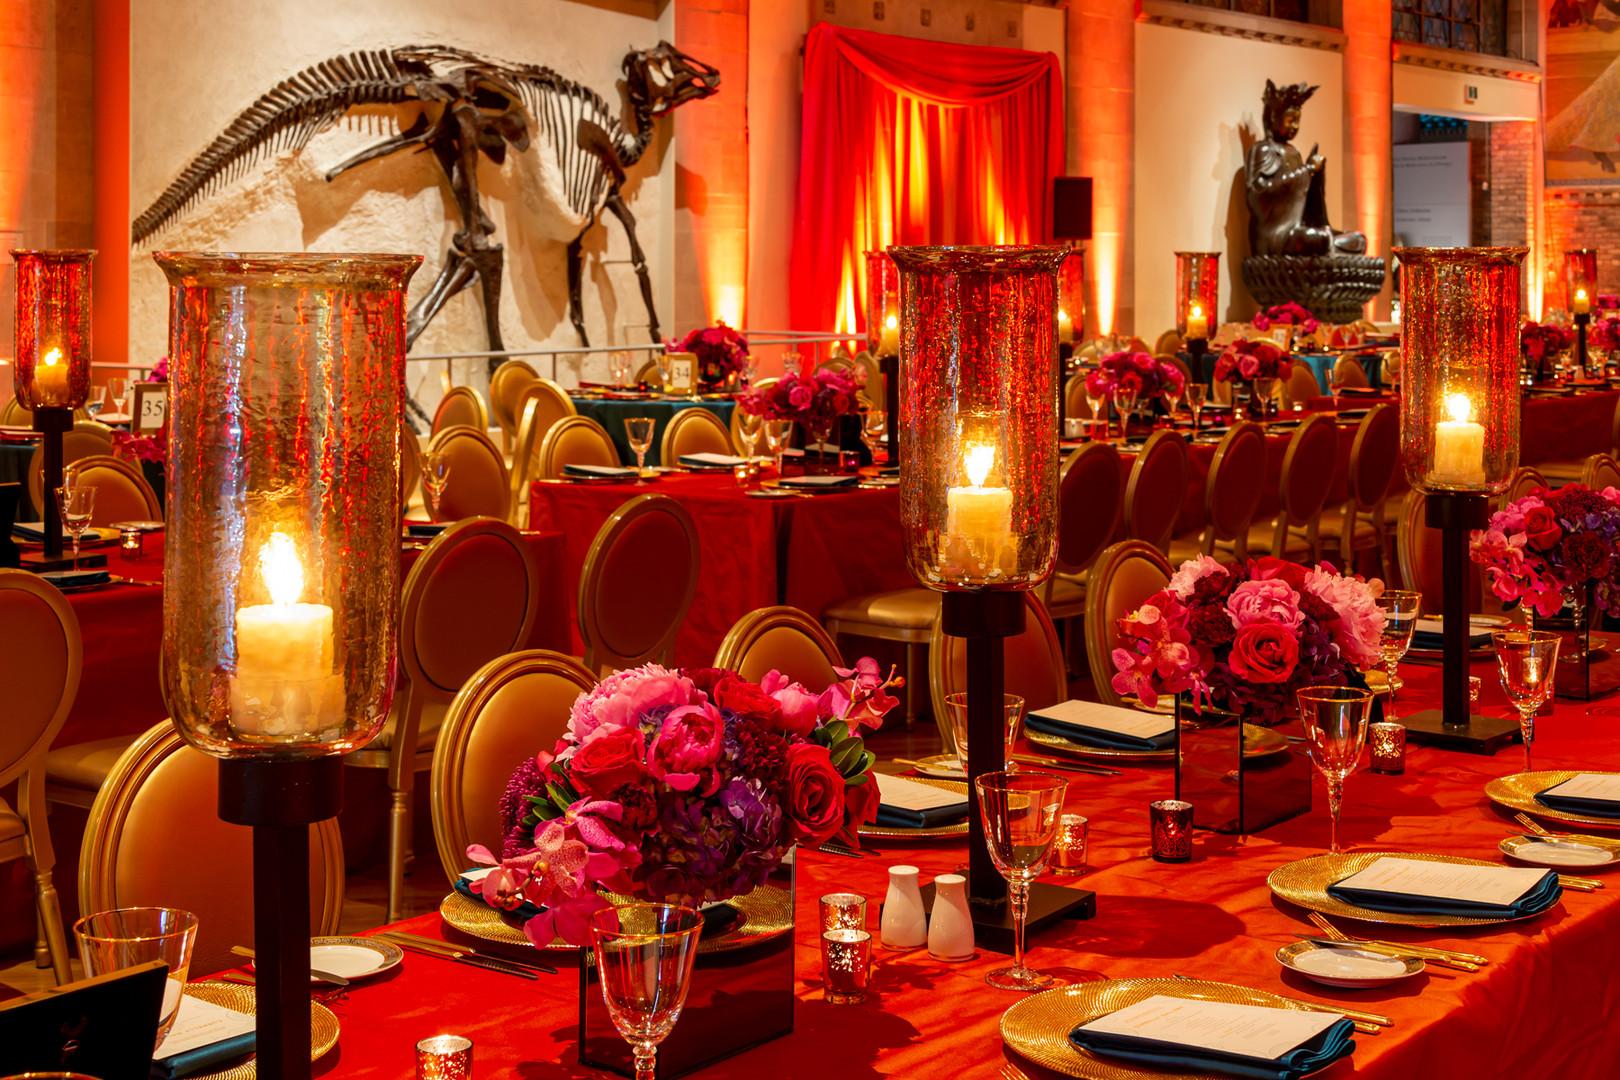 2019 Mercer Global Investment Forum Toronto Dinner